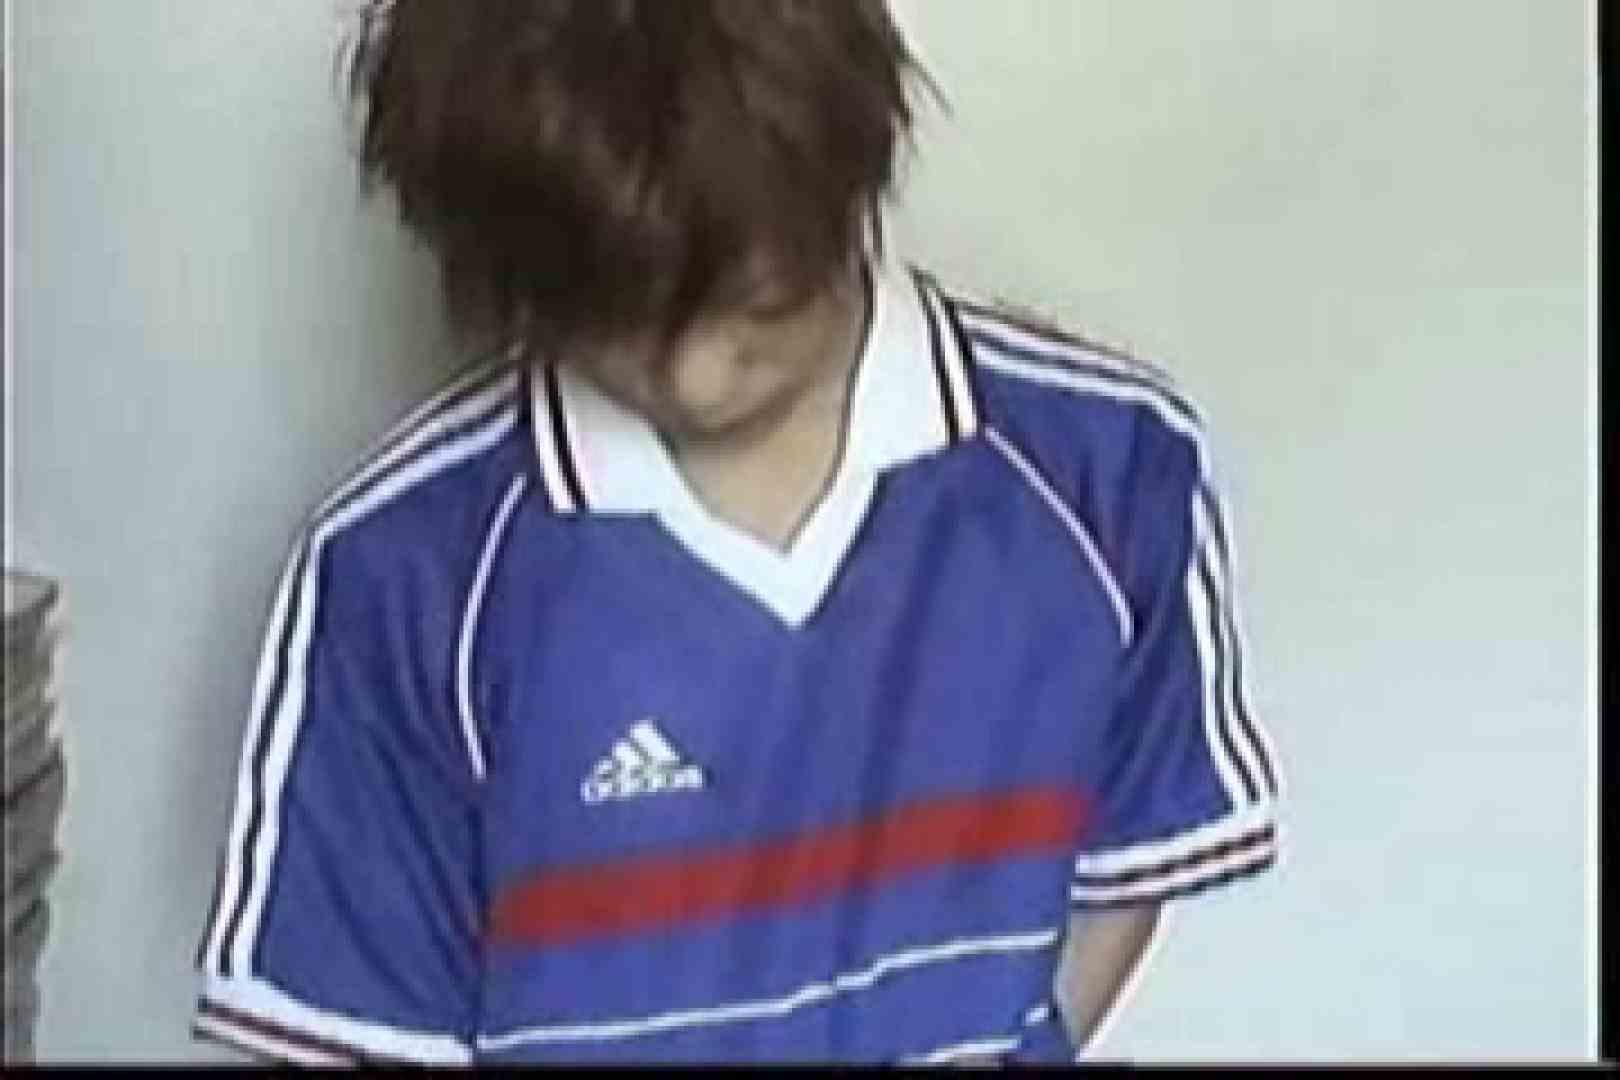 【流出】知られざる僕の秘密…vol.03 射精特集 GAY無修正エロ動画 115枚 1